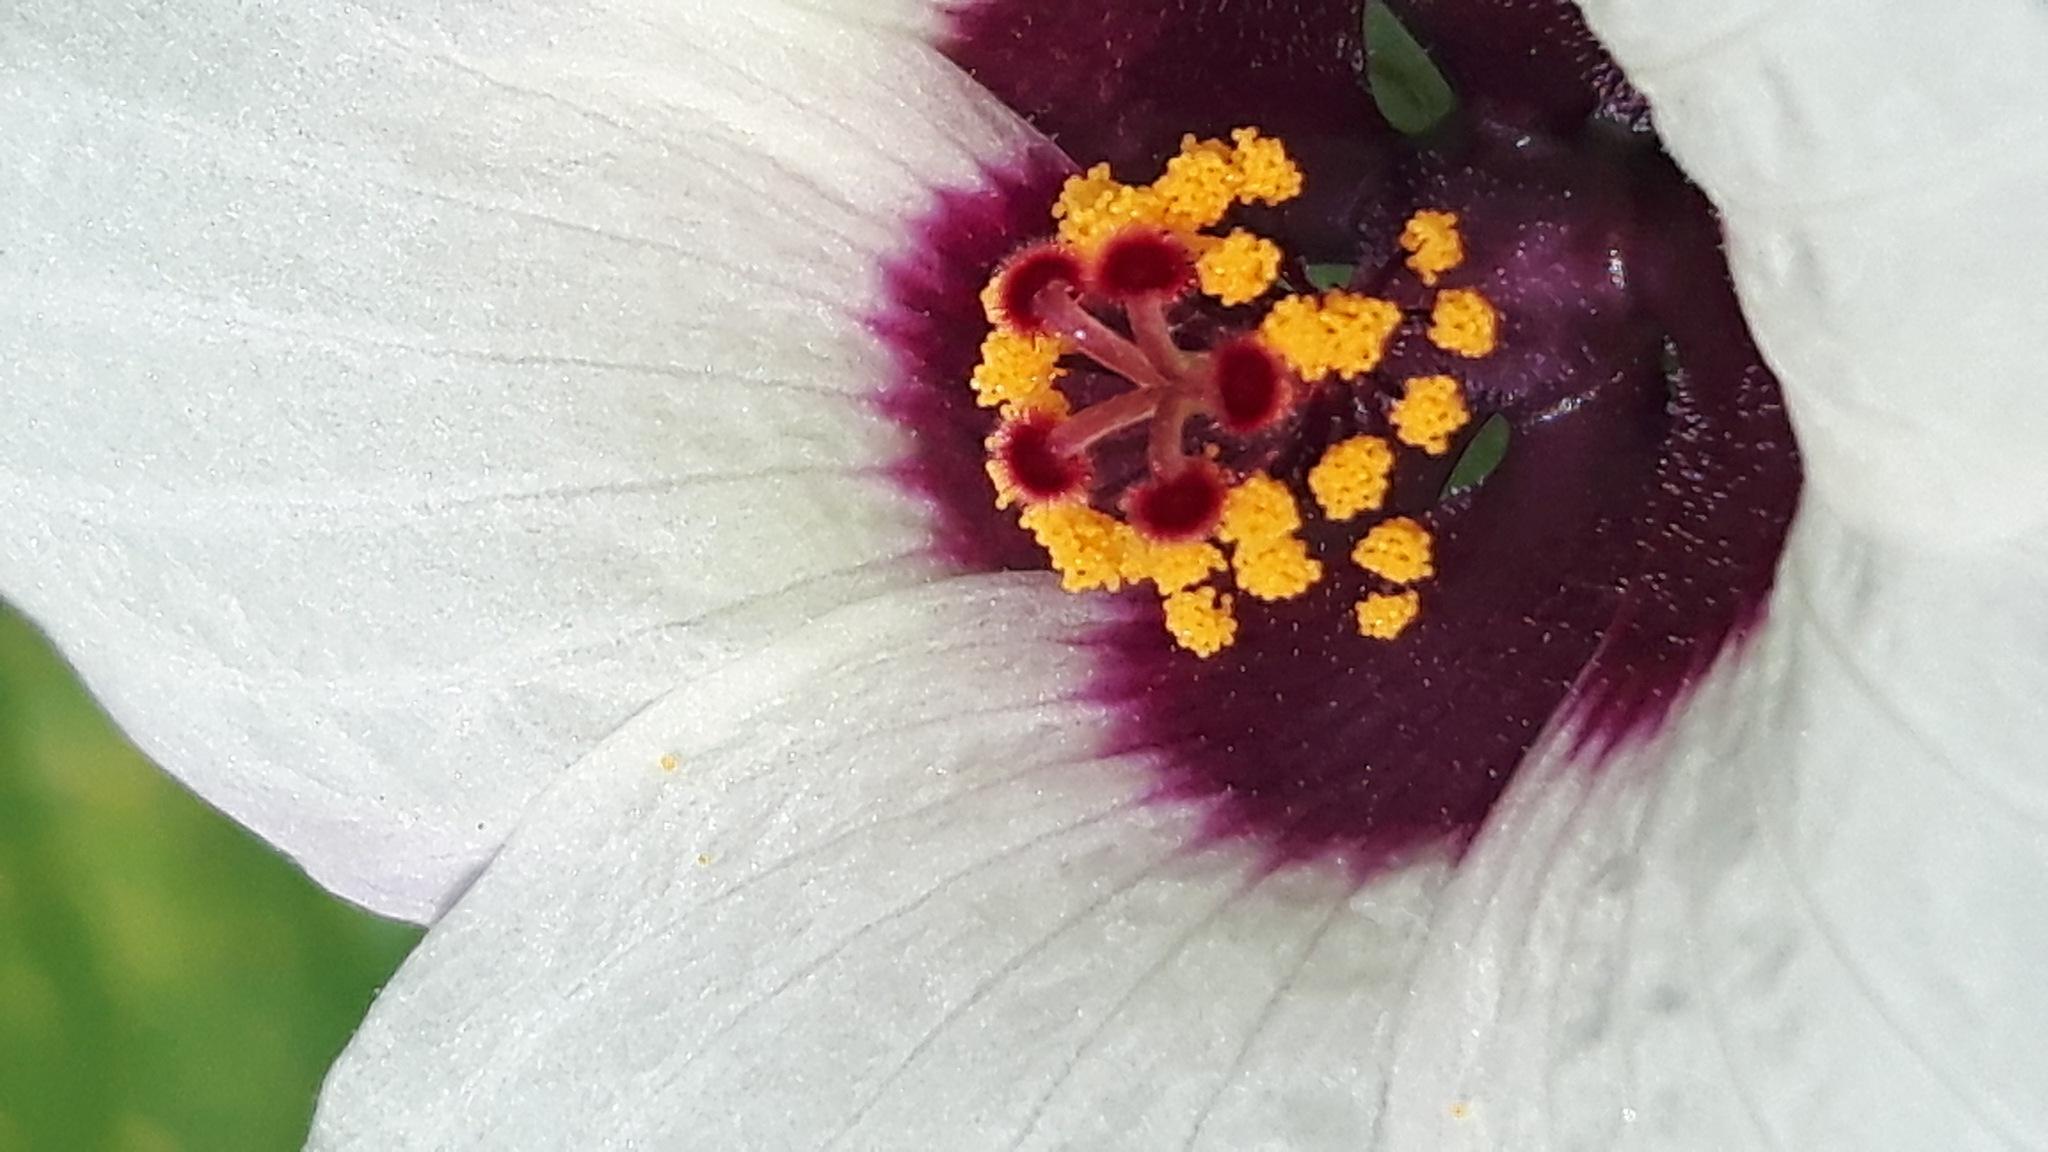 Fantasy of okra flower by Mevludin_Hasanovic